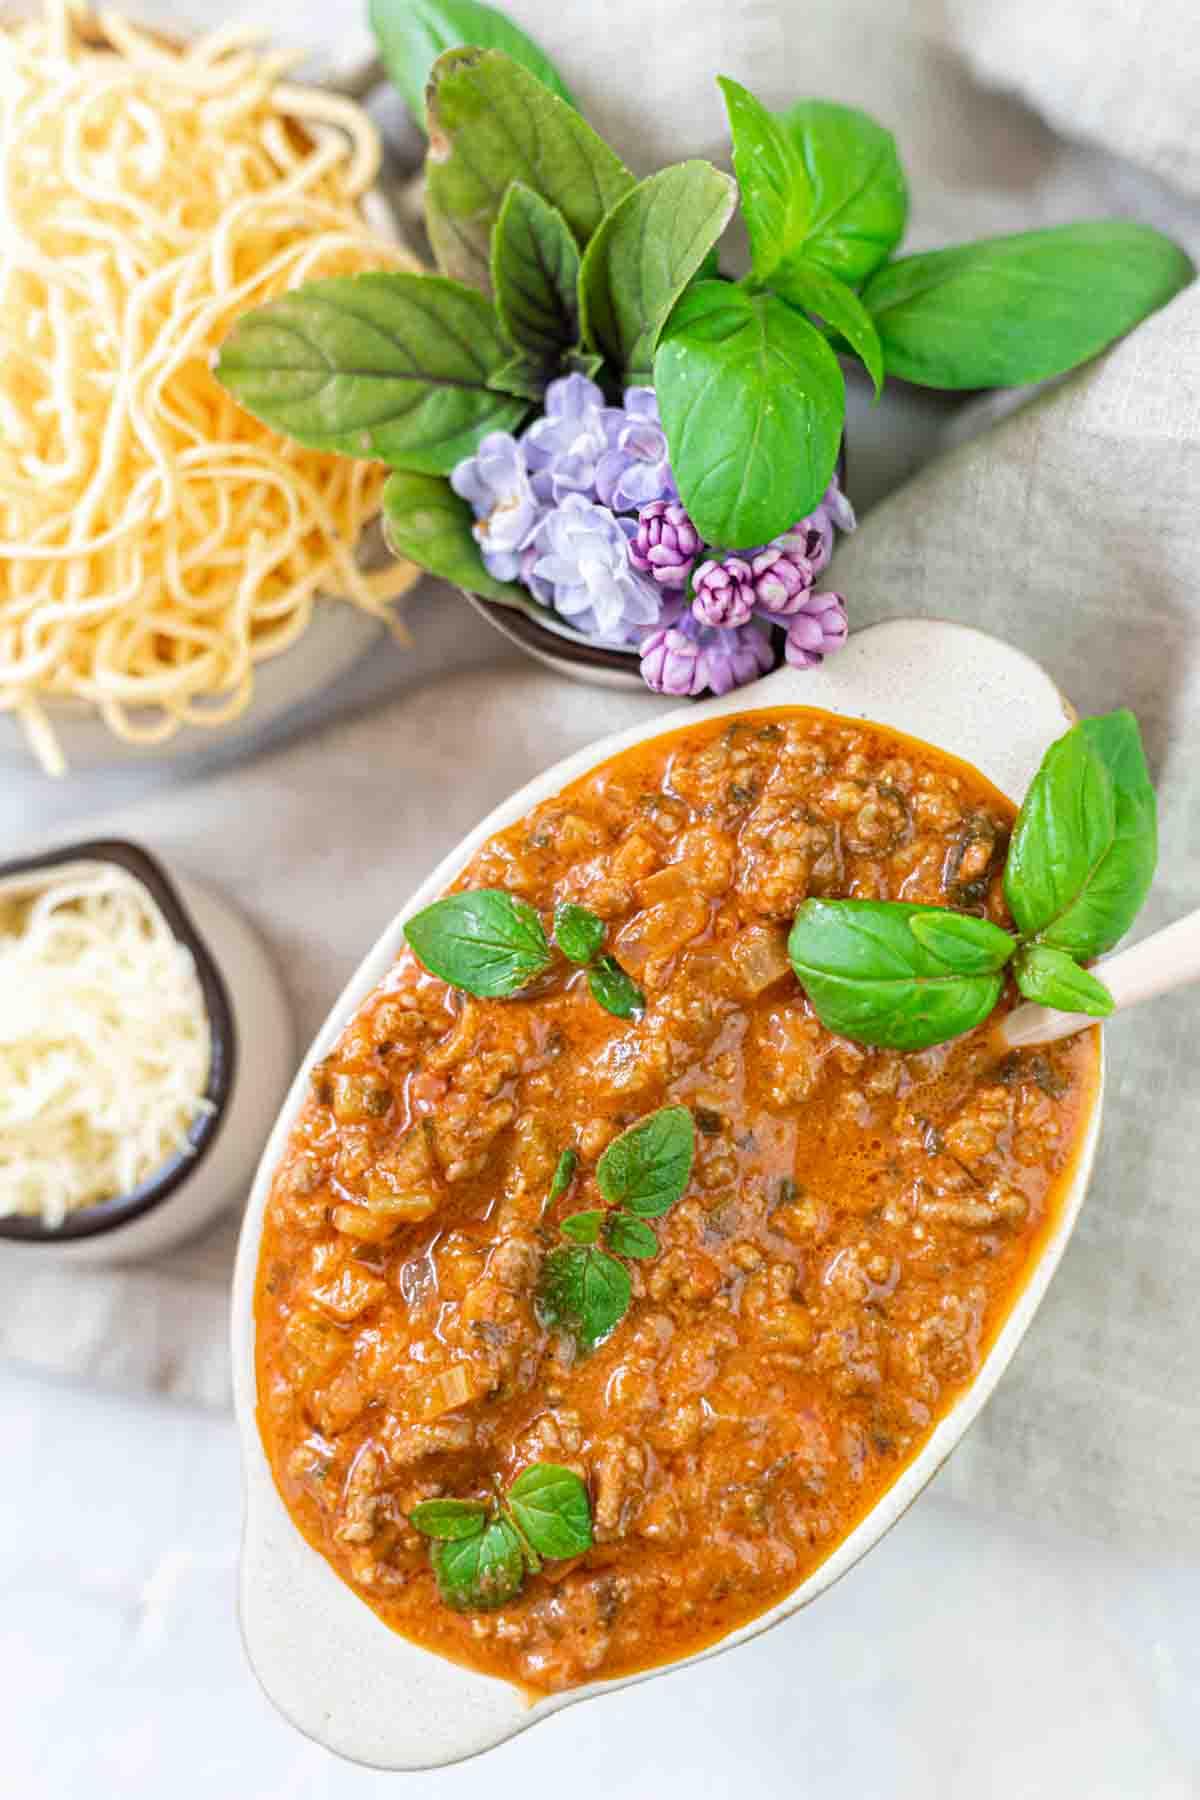 Keto Spaghetti Sauce in a cream dish